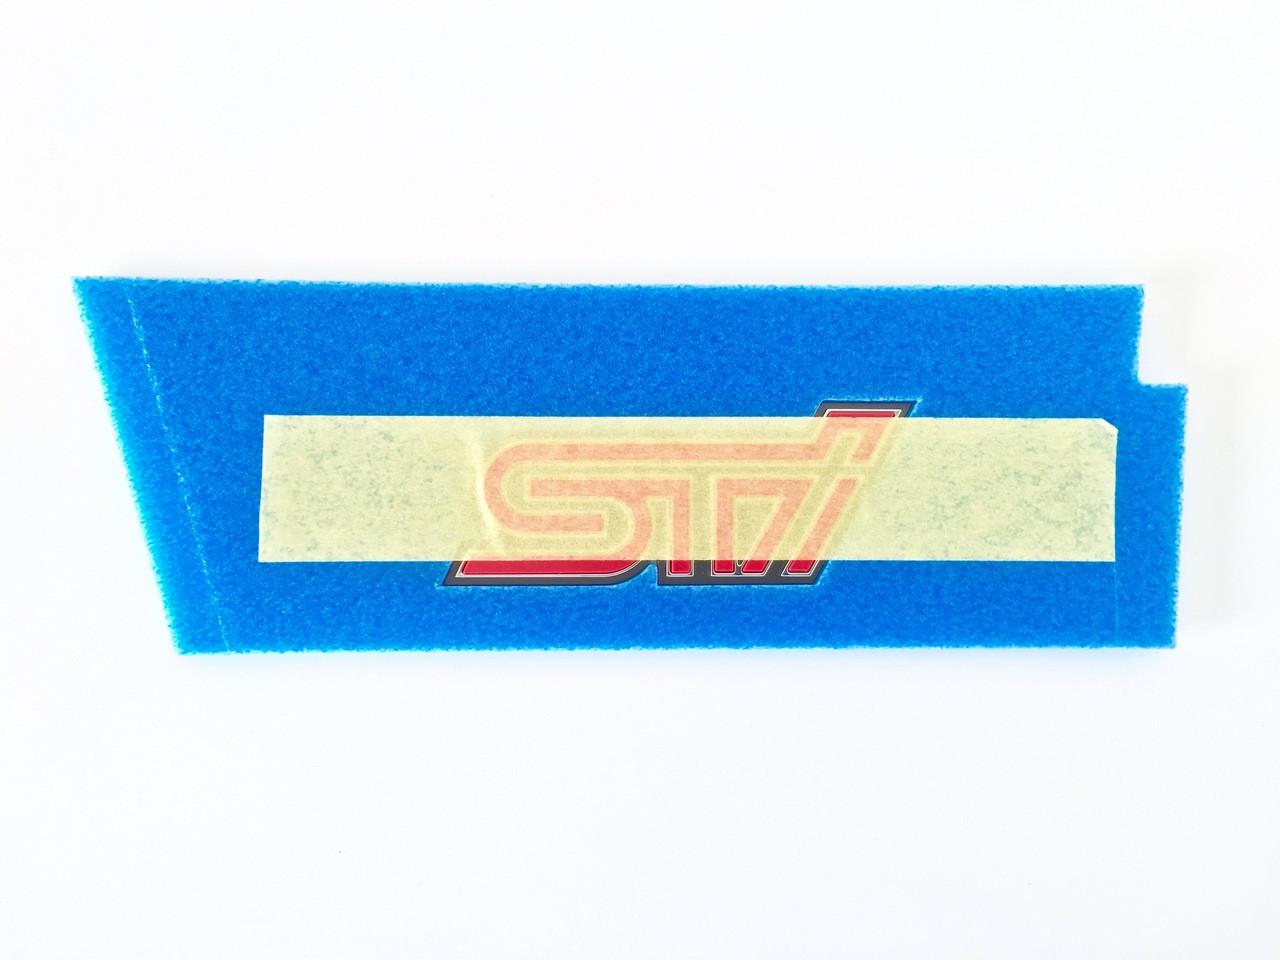 JDM STI Badge ST91053ZR130 at AVOJDM.com